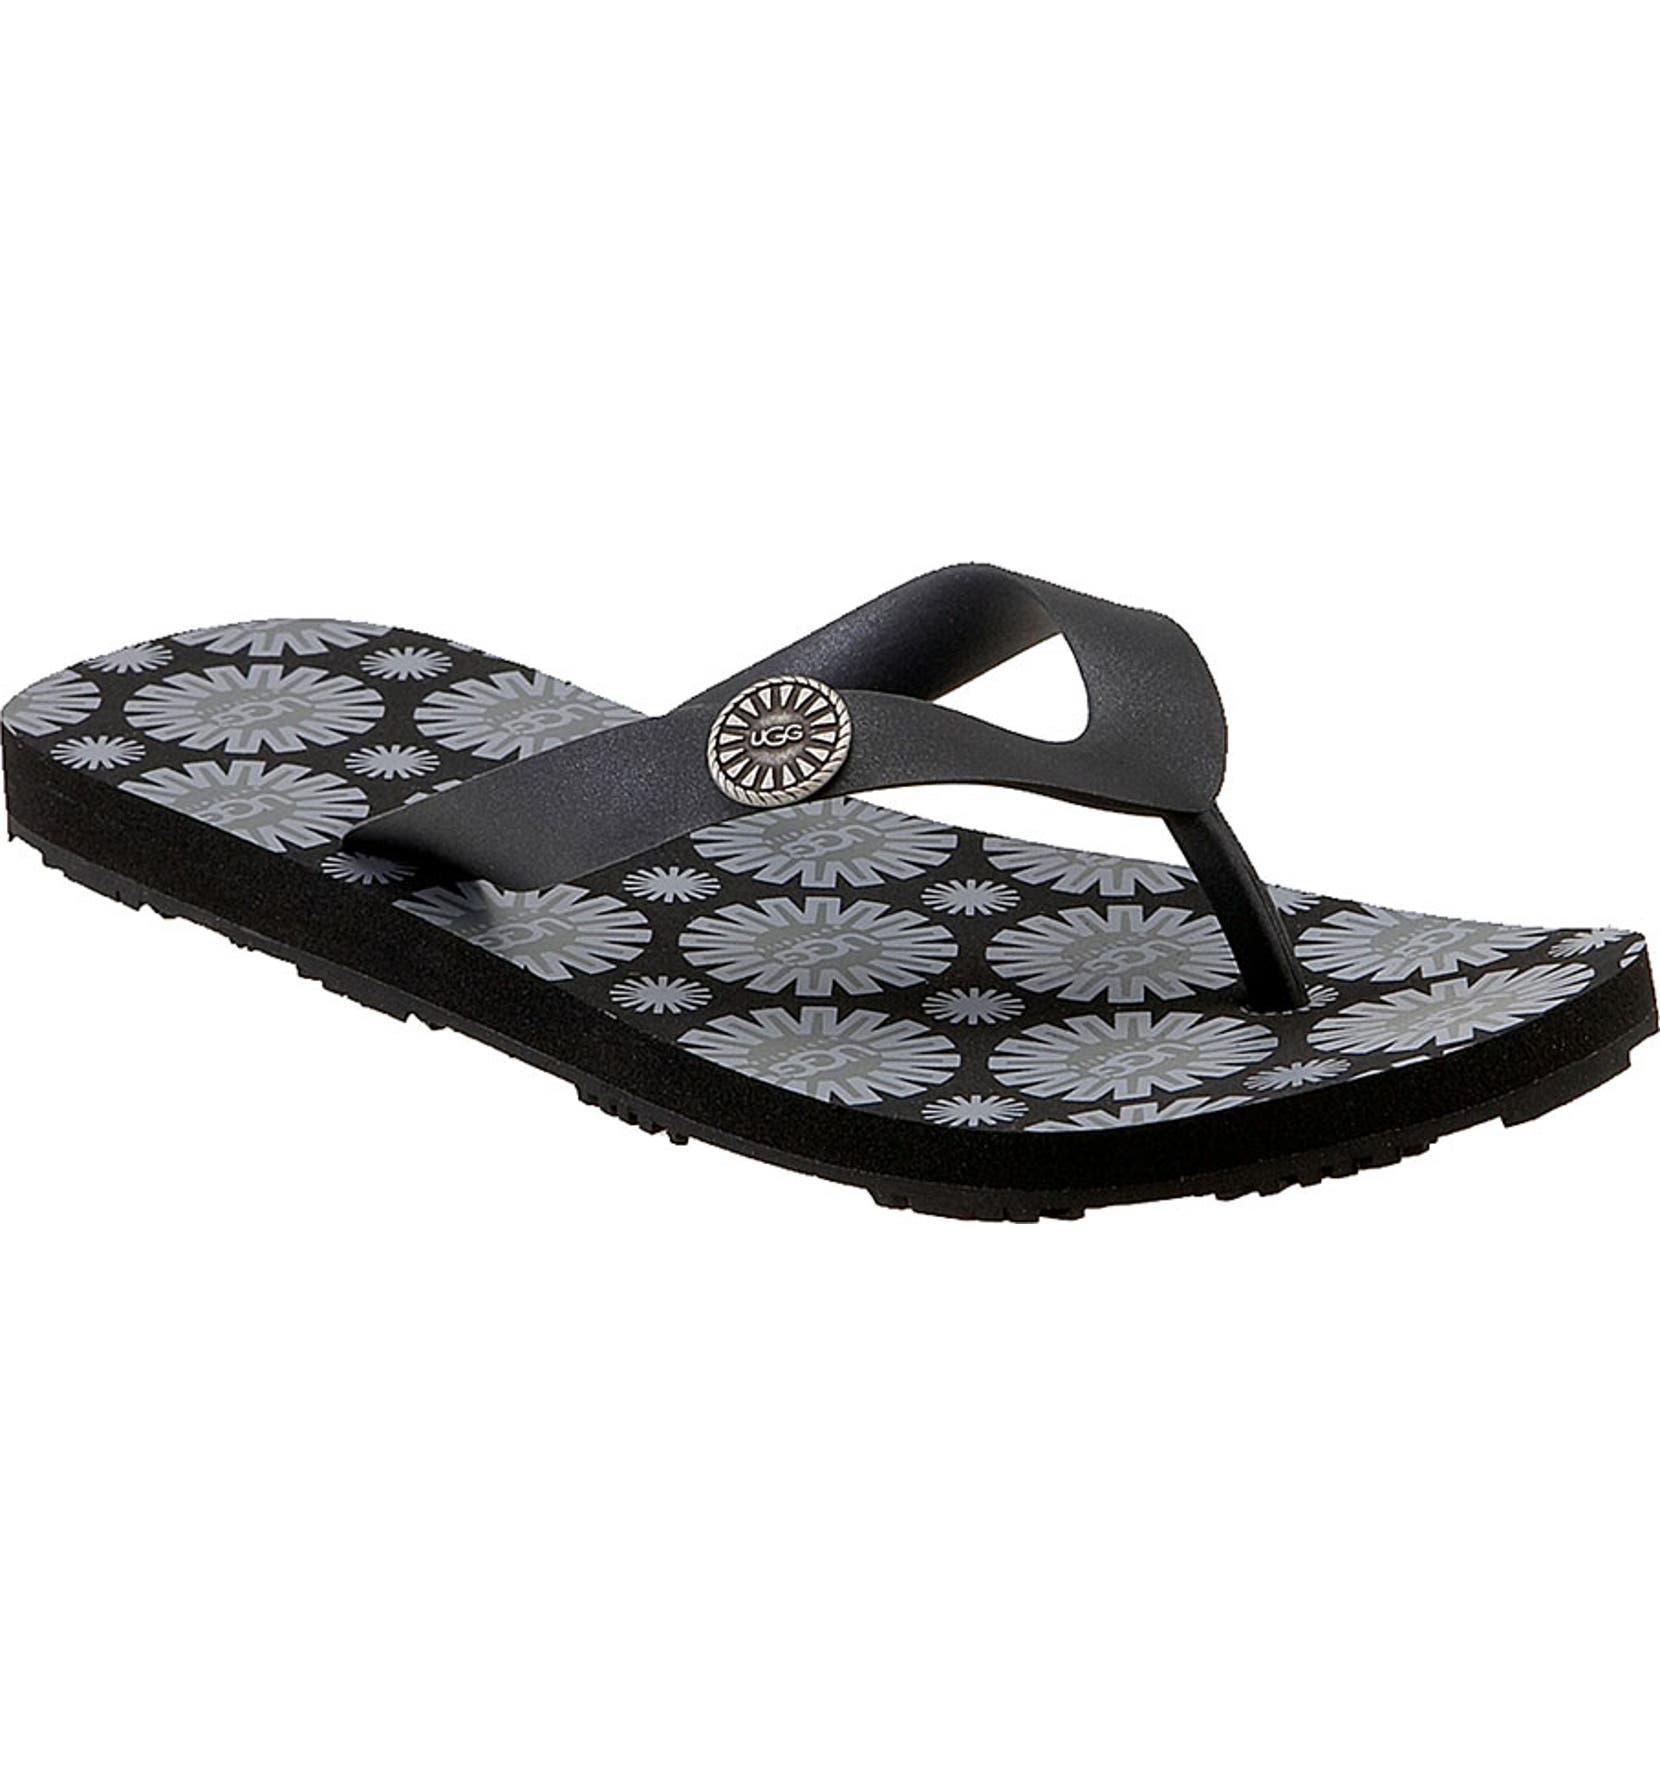 1a4124ffa21 Australia 'Flare' Sandal